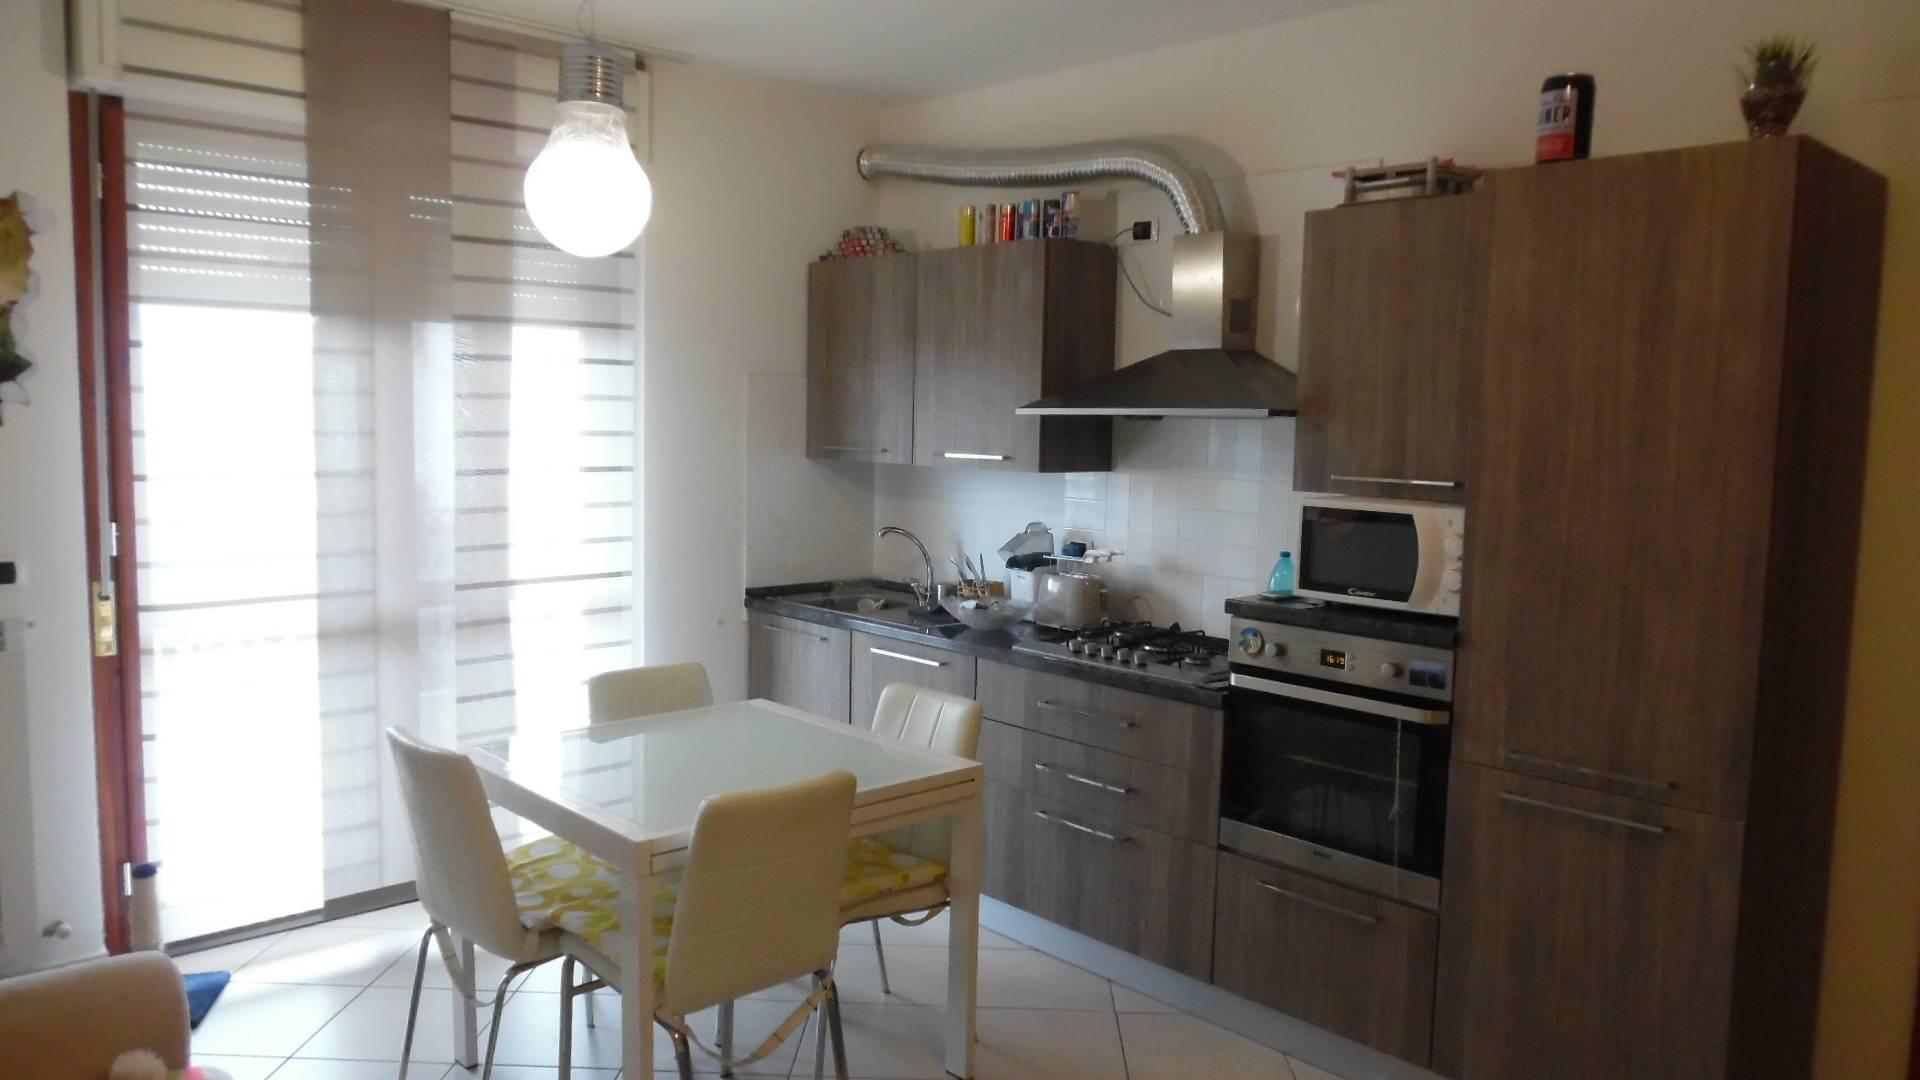 Appartamento in vendita a Monteprandone, 3 locali, zona Zona: Centobuchi, prezzo € 125.000   CambioCasa.it